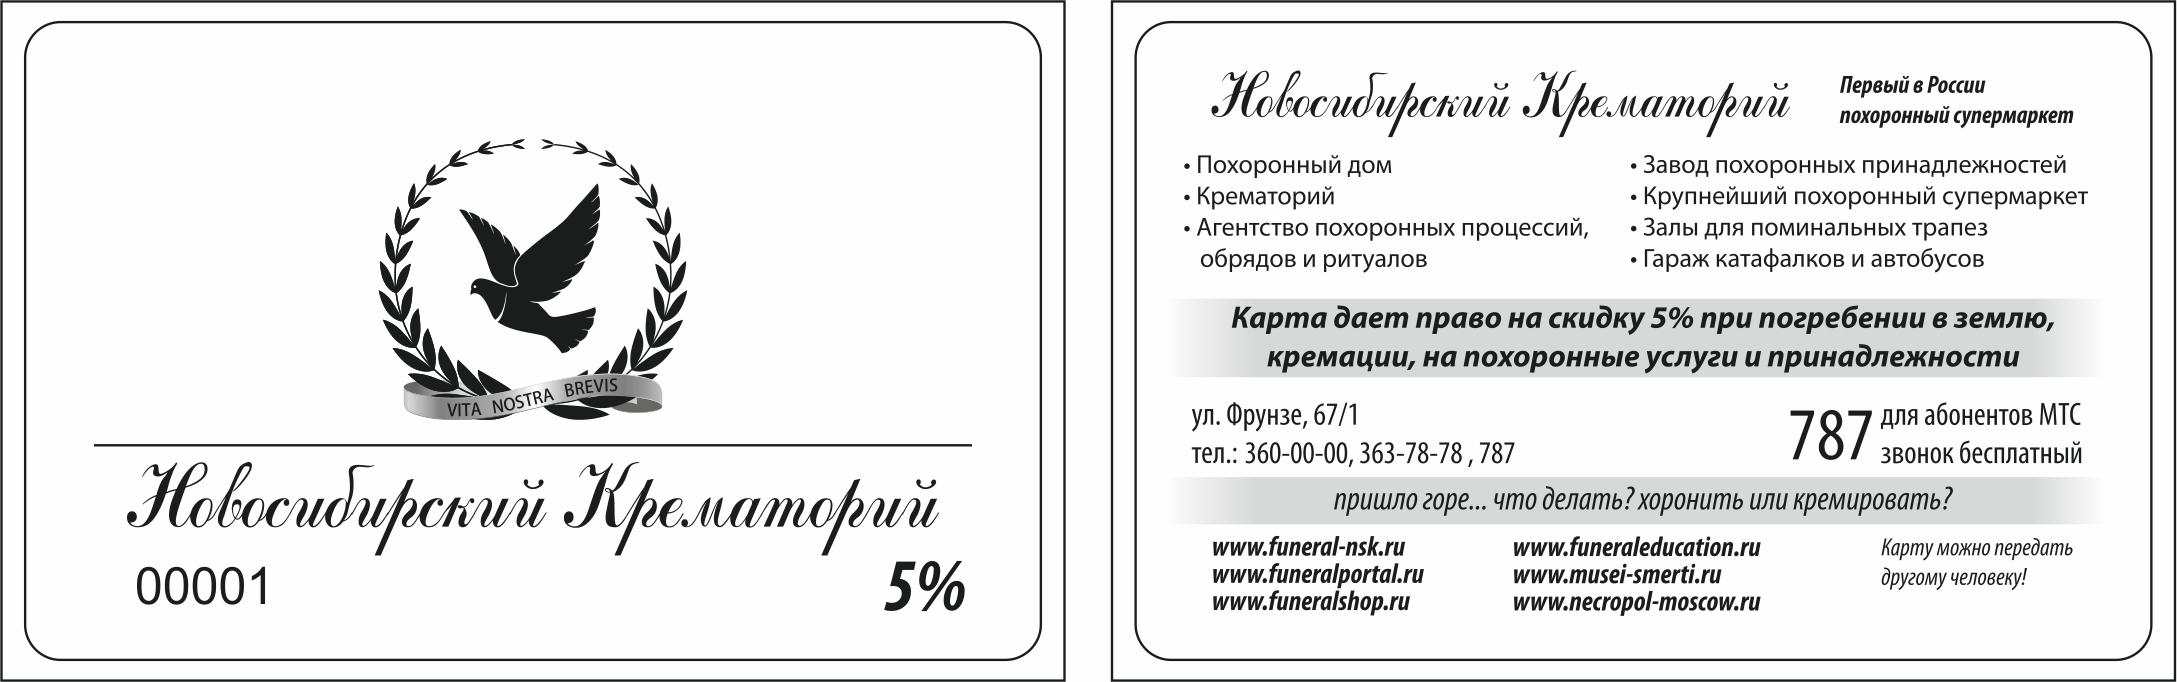 Новосибирский крематорий: льготы и скидки на ритуальные услуги